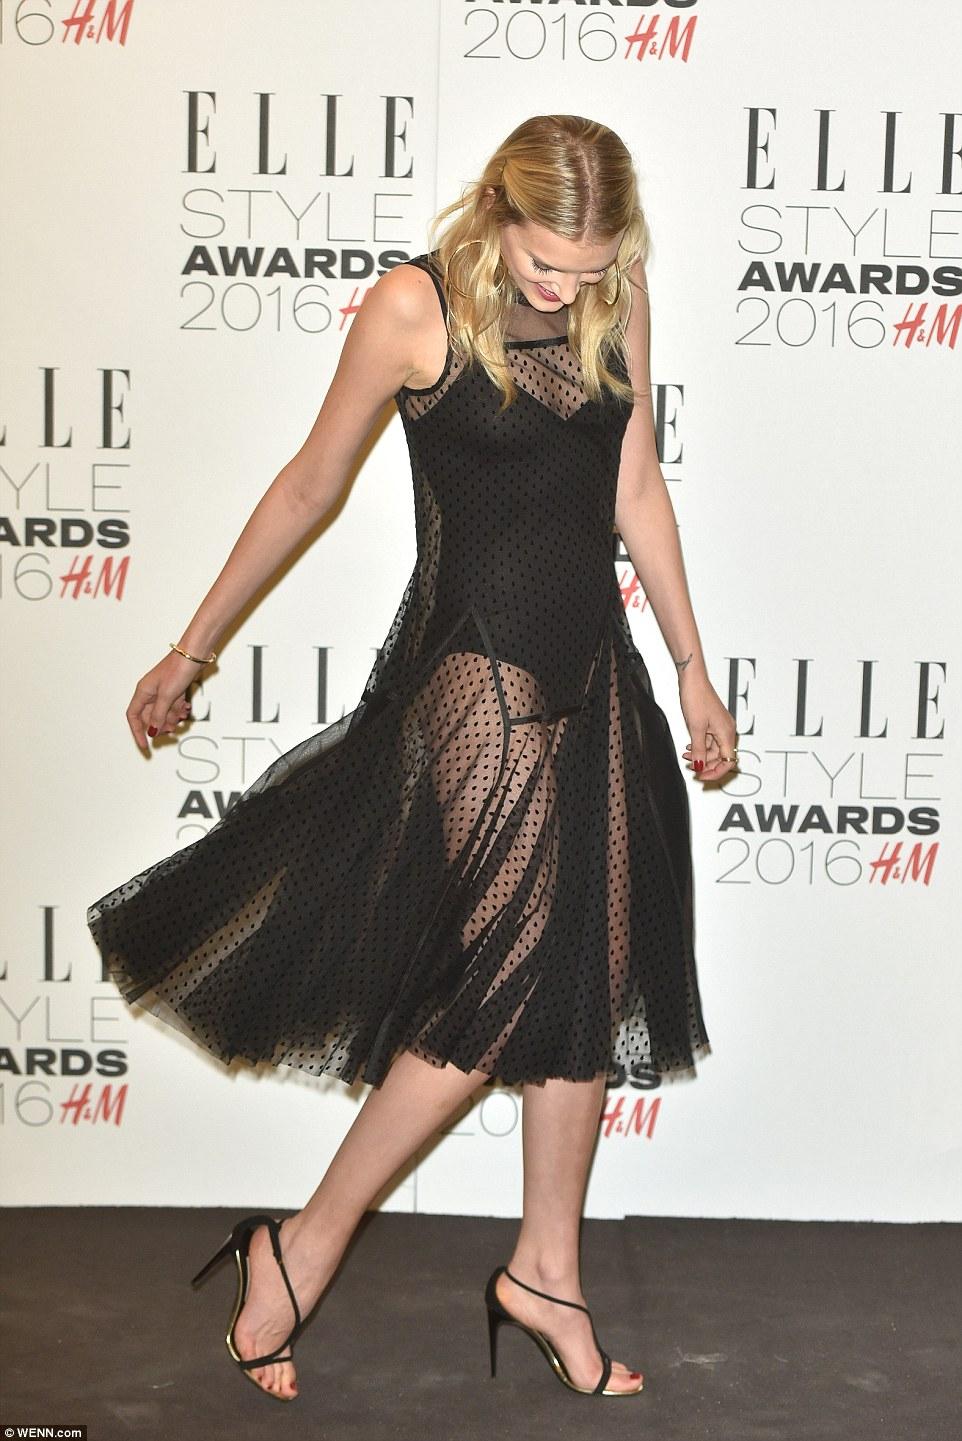 De-nsa hum giro: Lily estendem Ao Redor com o SUA forma no show em Uma saia pura e bodysuit